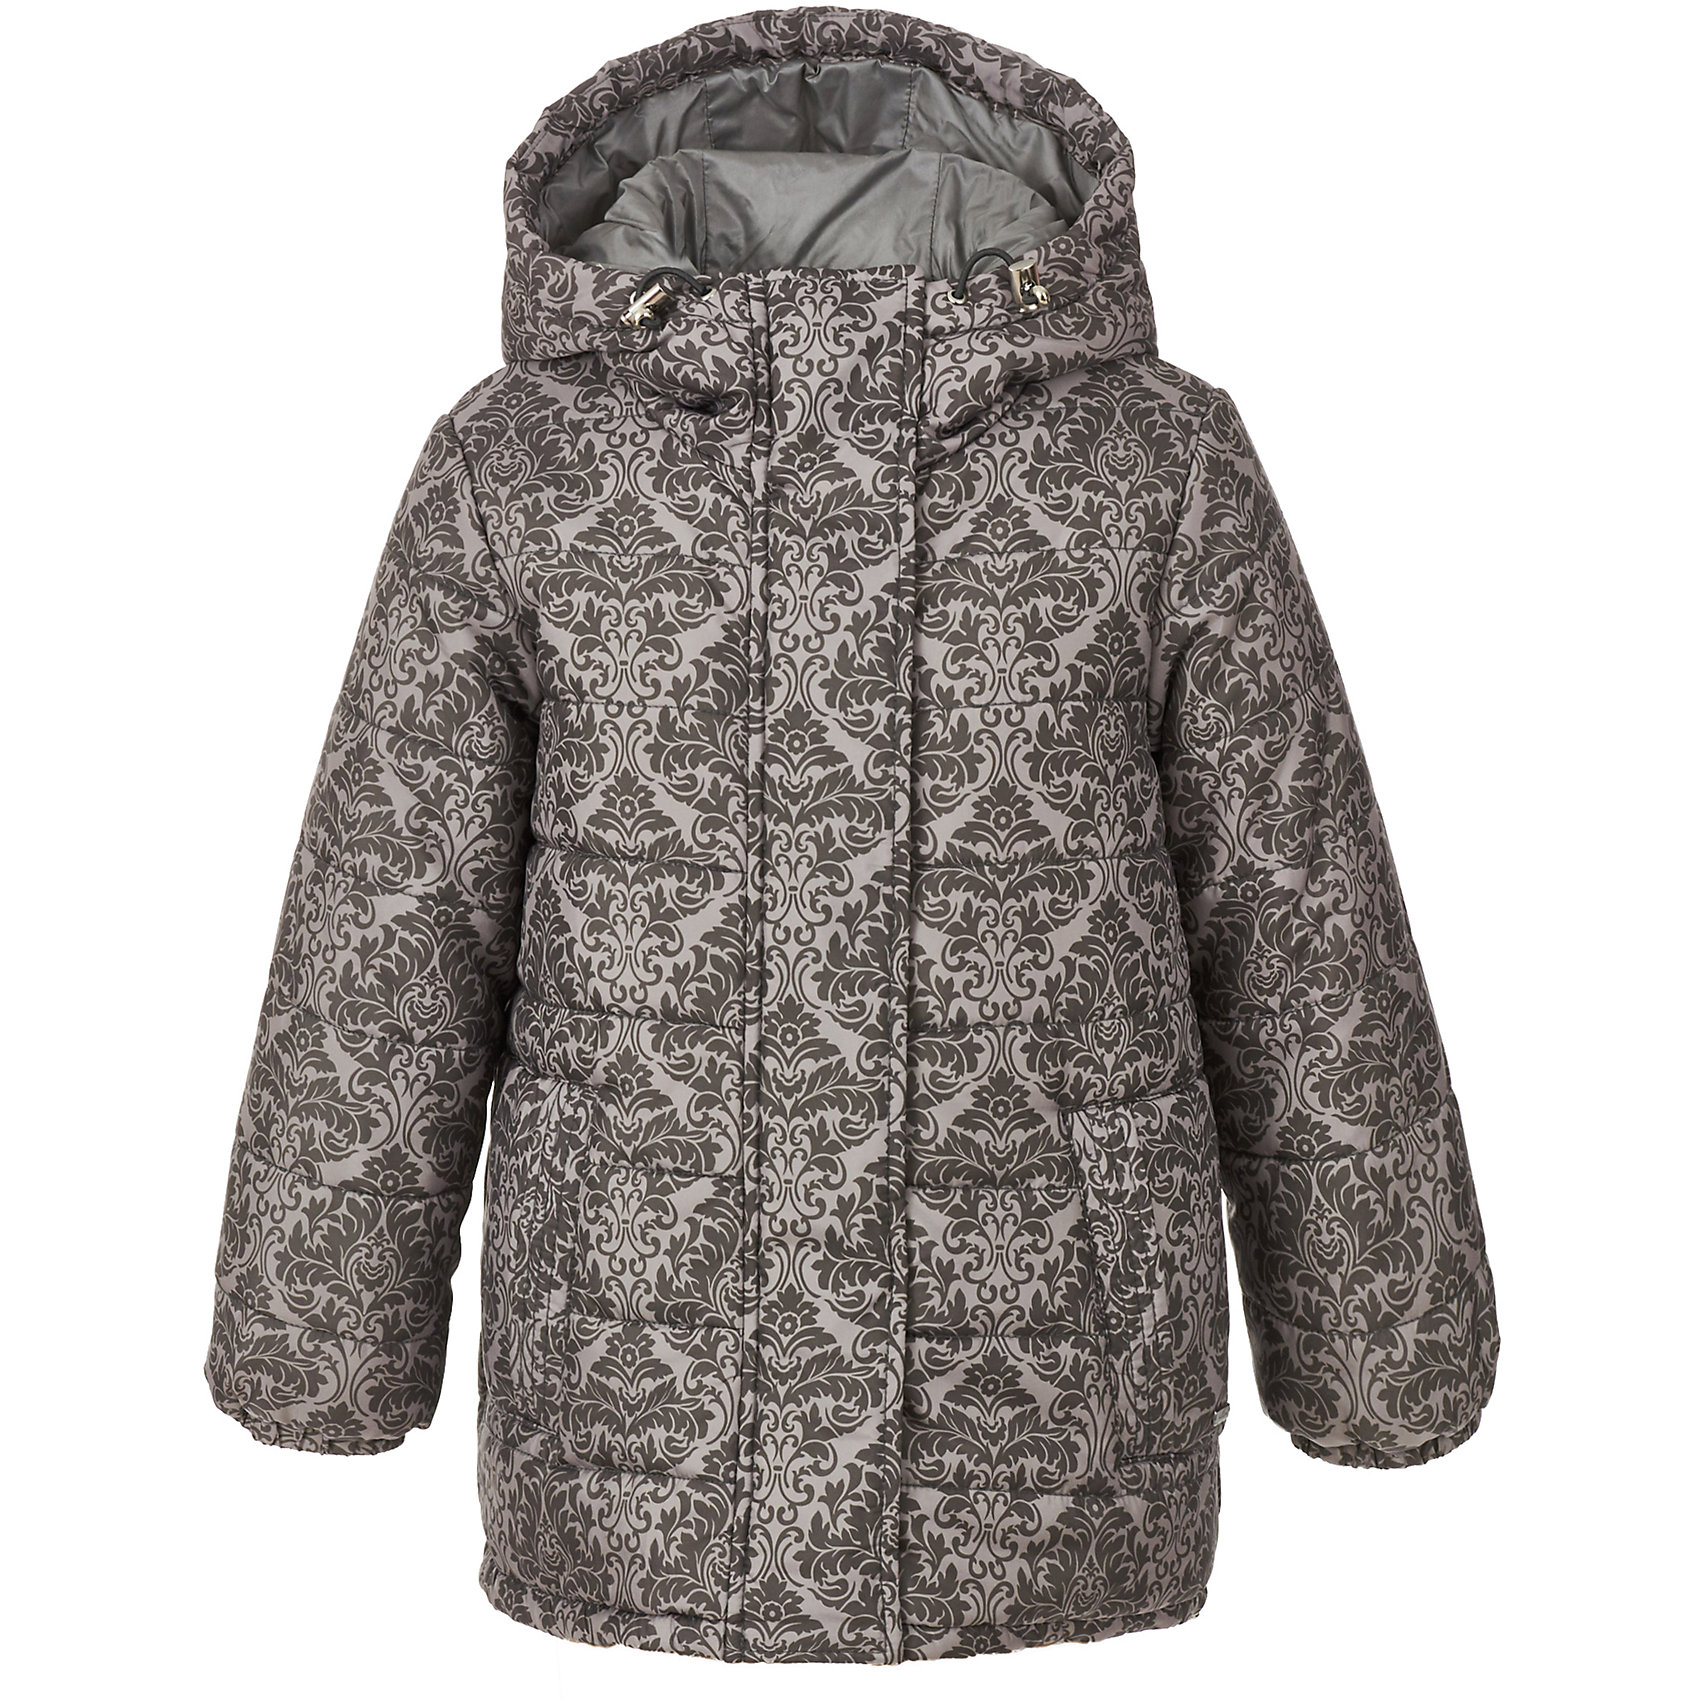 Куртка Gulliver для девочкиДемисезонные куртки<br>Куртка Gulliver для девочки<br>Купить куртку! - именно такую задачу ставят перед собой мамы девочек, отправляясь на шопинг. И действительно, в преддверии осенней промозглости, уютная куртка становится главным атрибутом гардероба ребенка. Эта куртка - образец того, какими должны быть стильные демисезонные куртки для девочек. Модный благородный дамасский узор, выполненный на плащевке, комфортная объемная форма, уютный капюшон, необходимые утяжки для защиты от продувания свидетельствуют о прекрасном внешнем виде, высоком качестве и продуманности деталей. Детская куртка из коллекции Филигрань выполнена в полном соответствии тенденциям моды! Куртка для девочки идеально завершит любой осенний комплект, придав ему элегантность, уют и комфорт.<br>Состав:<br>верх: 100% полиэстер; подкладка: 100% хлопок; утеплитель: 100% полиэстер<br><br>Ширина мм: 356<br>Глубина мм: 10<br>Высота мм: 245<br>Вес г: 519<br>Цвет: серый<br>Возраст от месяцев: 60<br>Возраст до месяцев: 72<br>Пол: Женский<br>Возраст: Детский<br>Размер: 116,98,104,110<br>SKU: 7078523